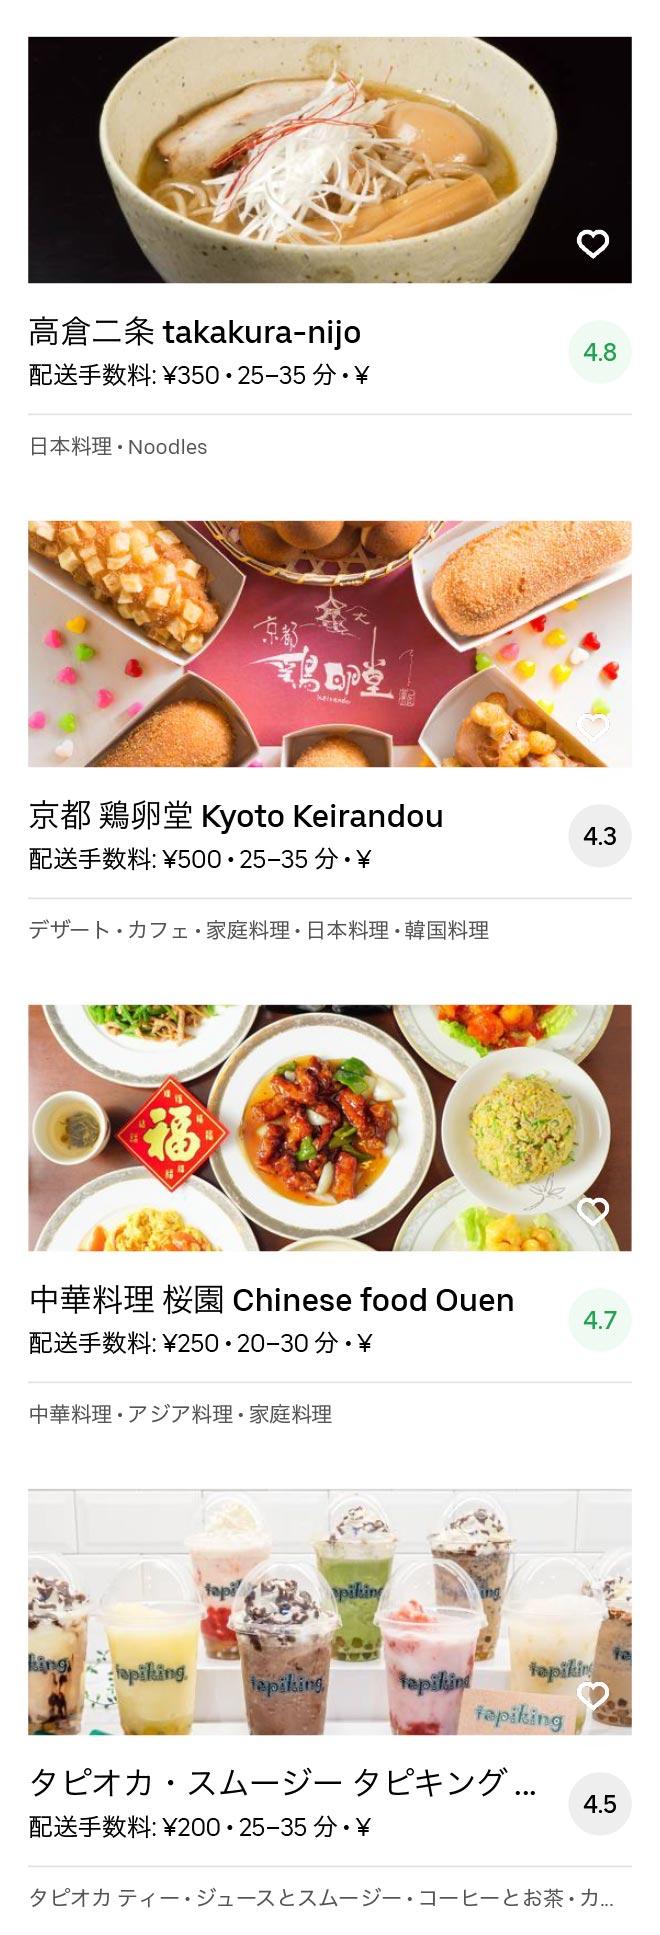 Kyoto nishioji menu 2005 03